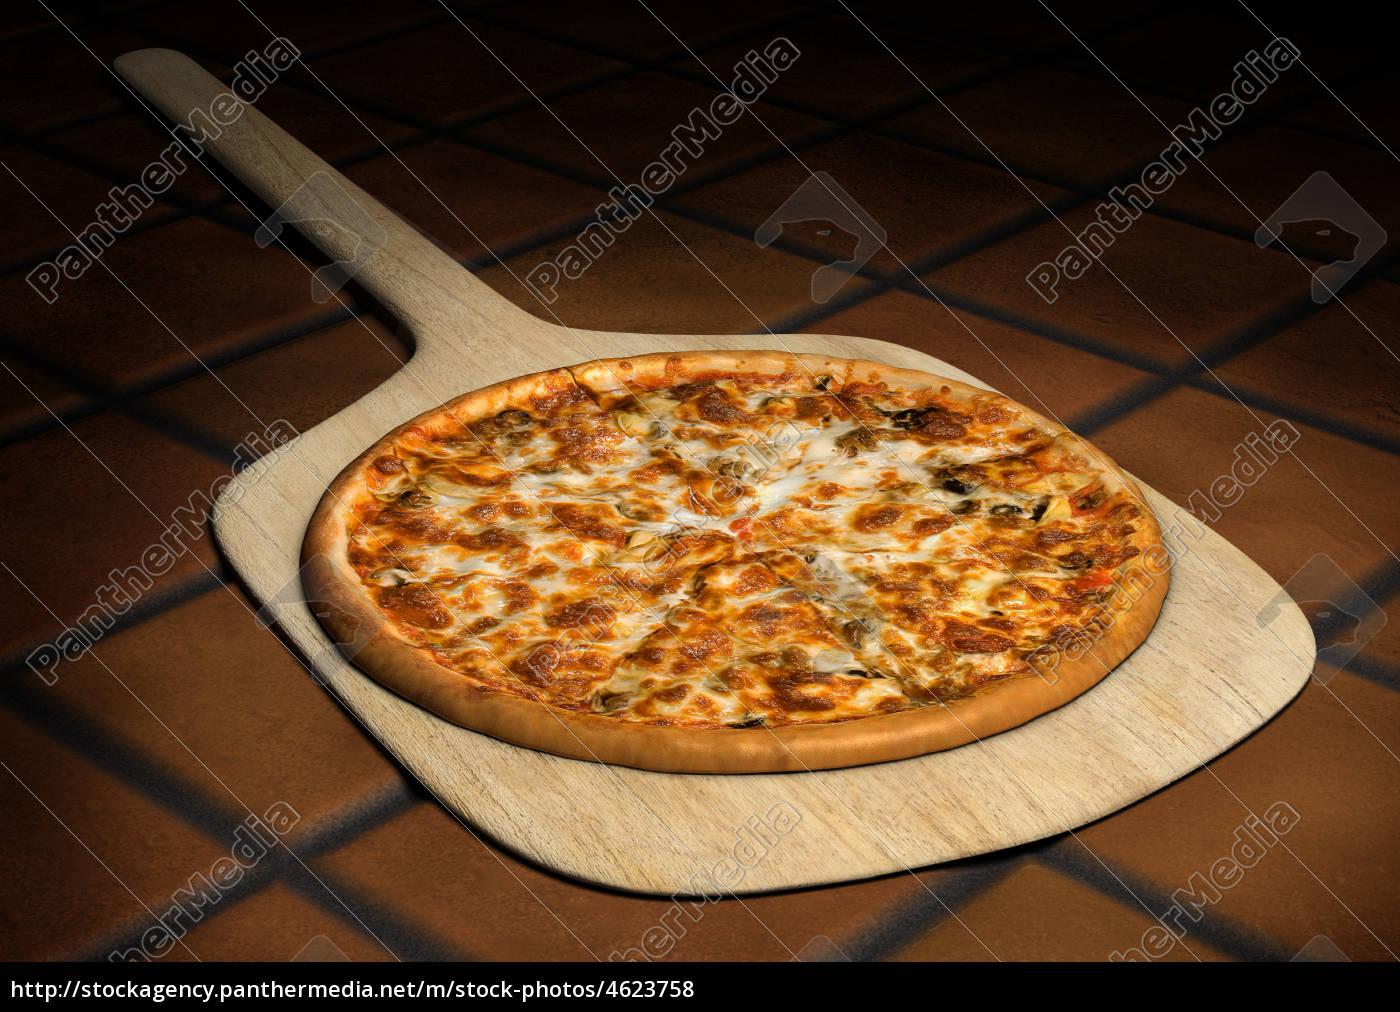 pizza, em, uma, casca, de, madeira - 4623758